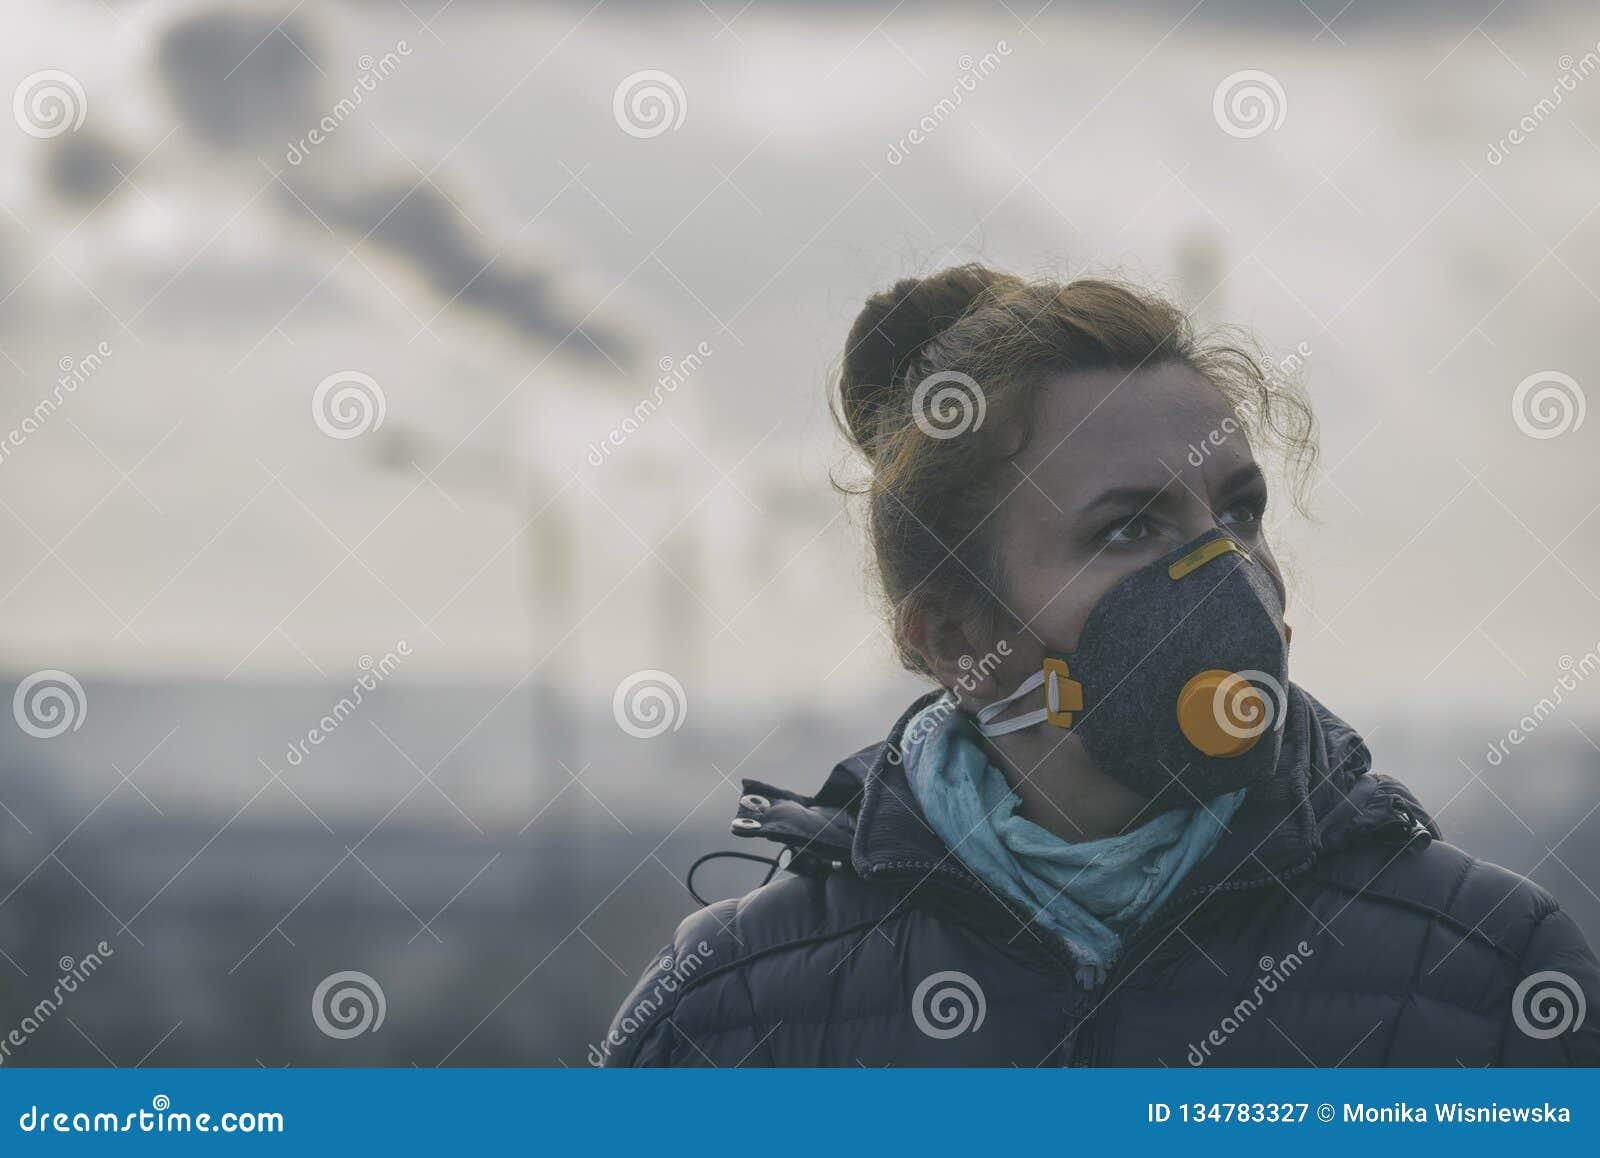 masque adulte anti virus